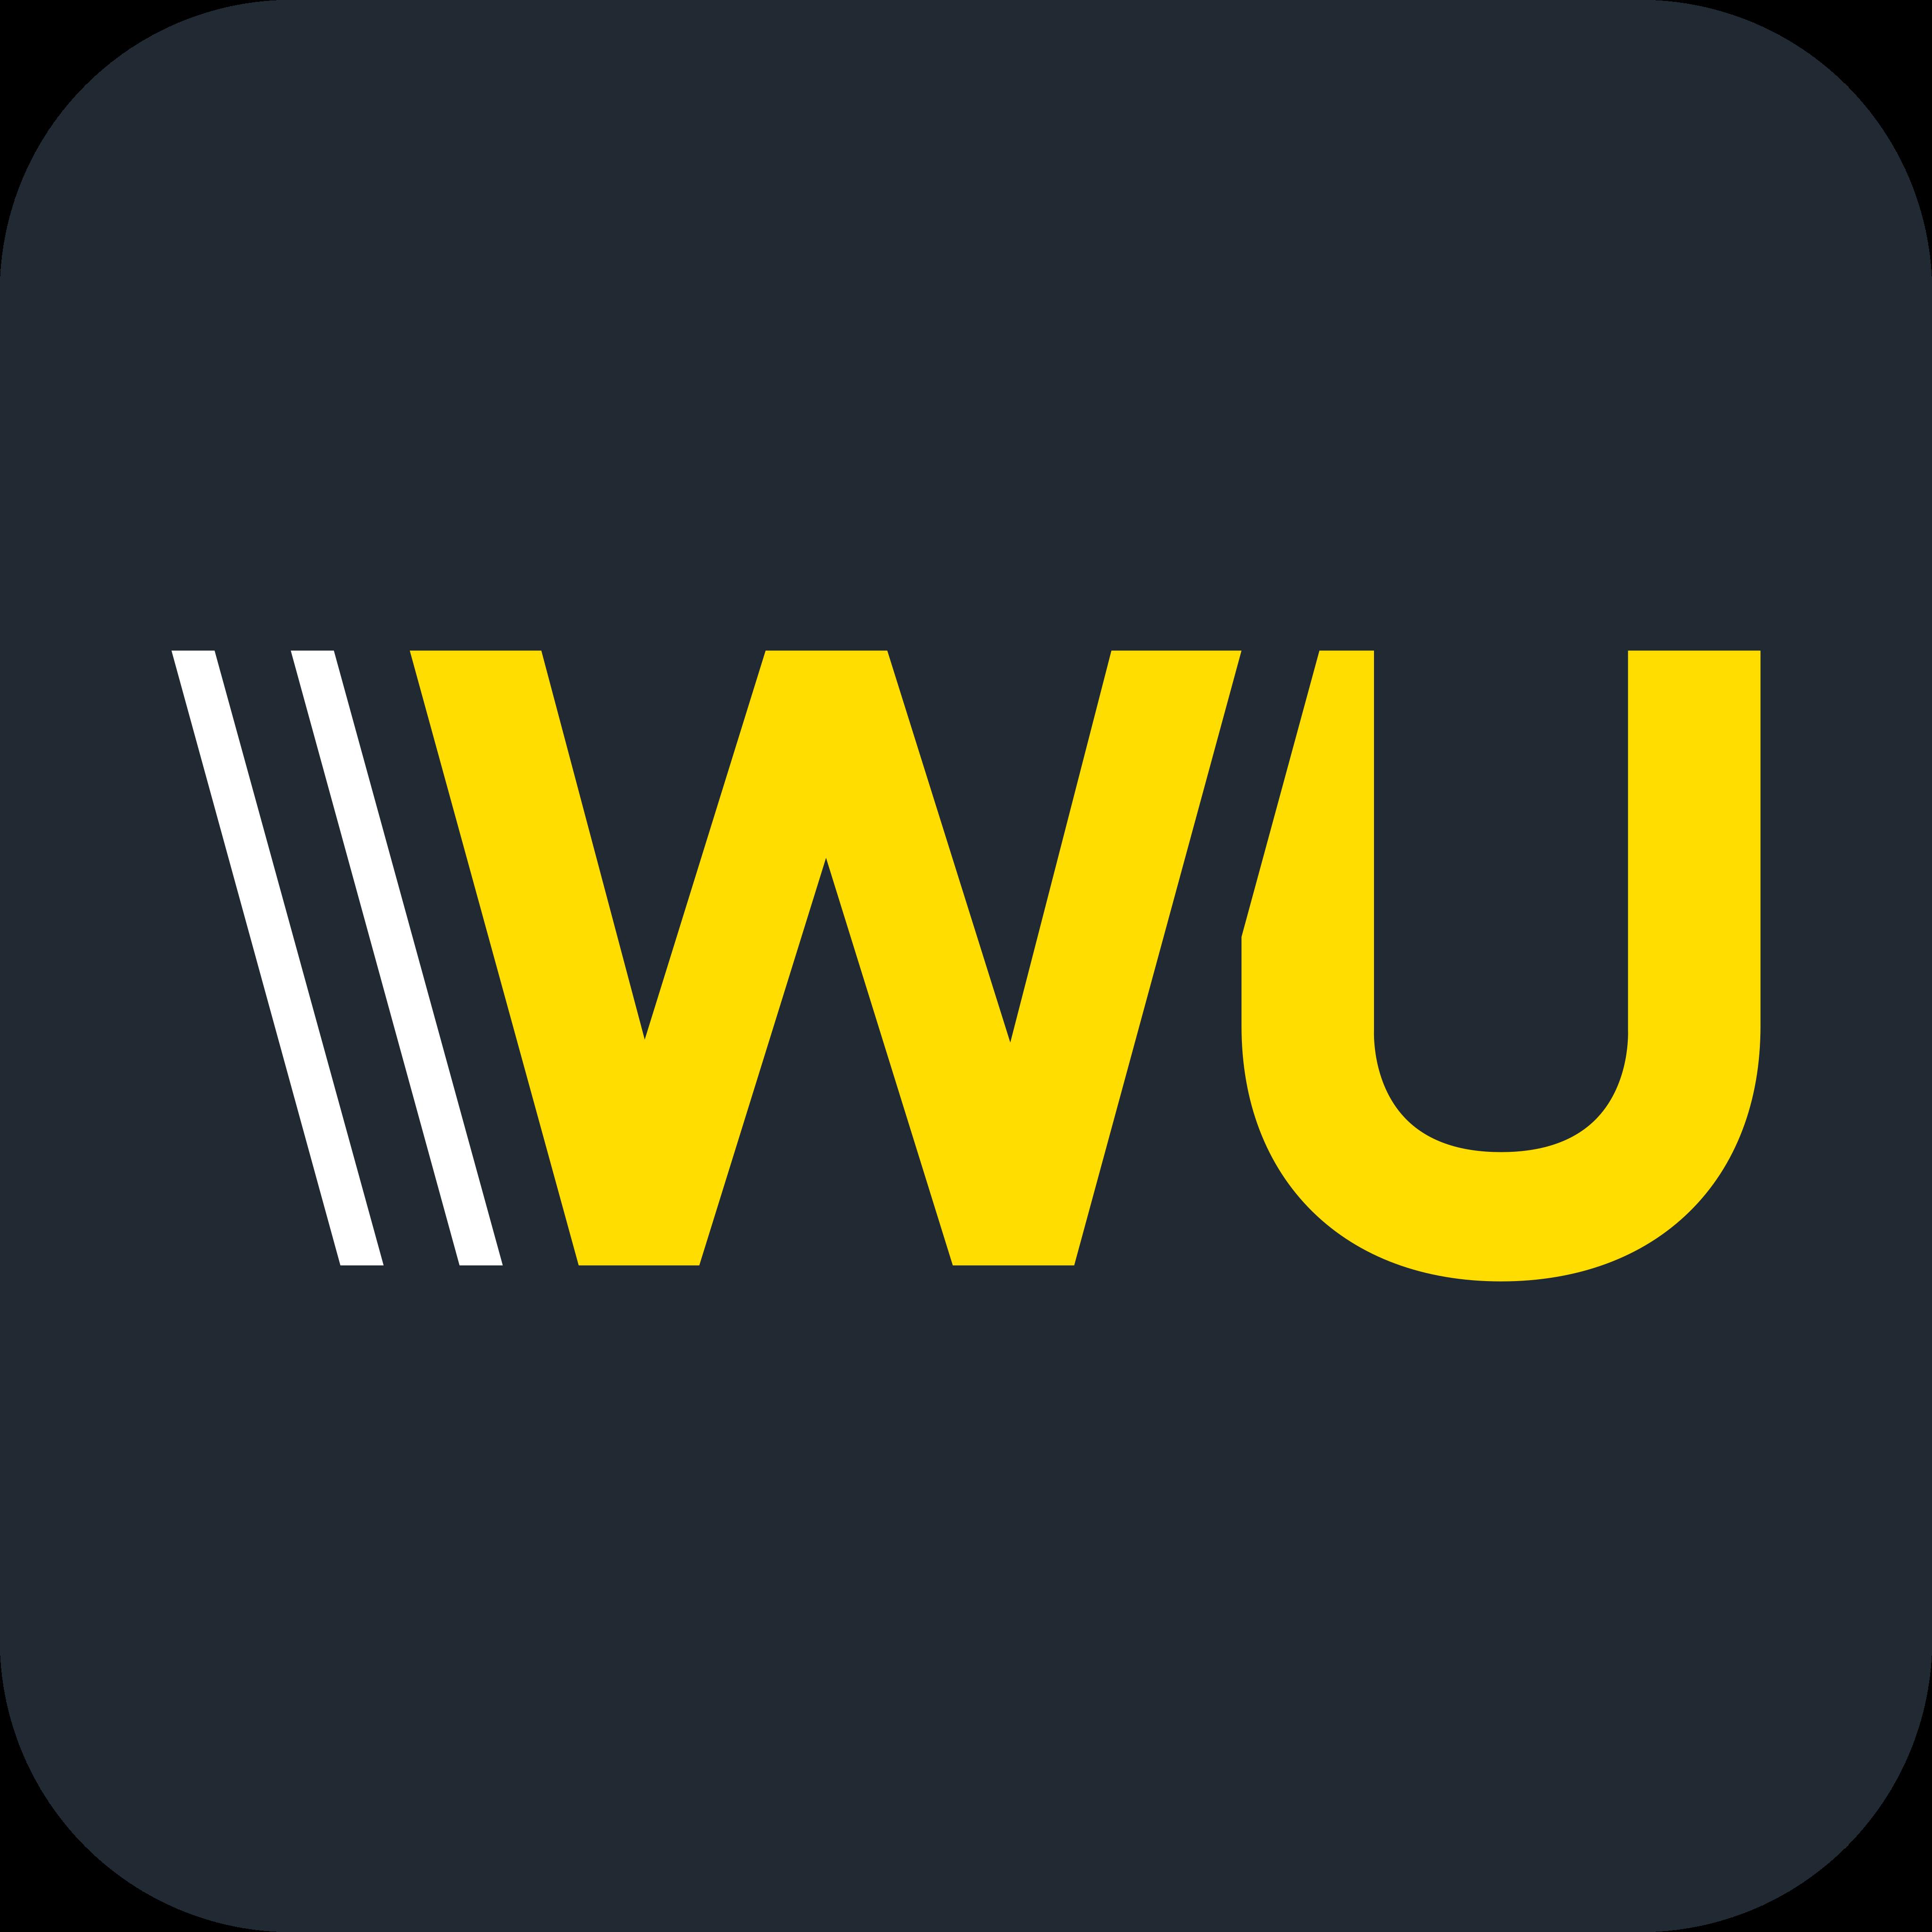 western union logo 1 1 - Western Union Logo